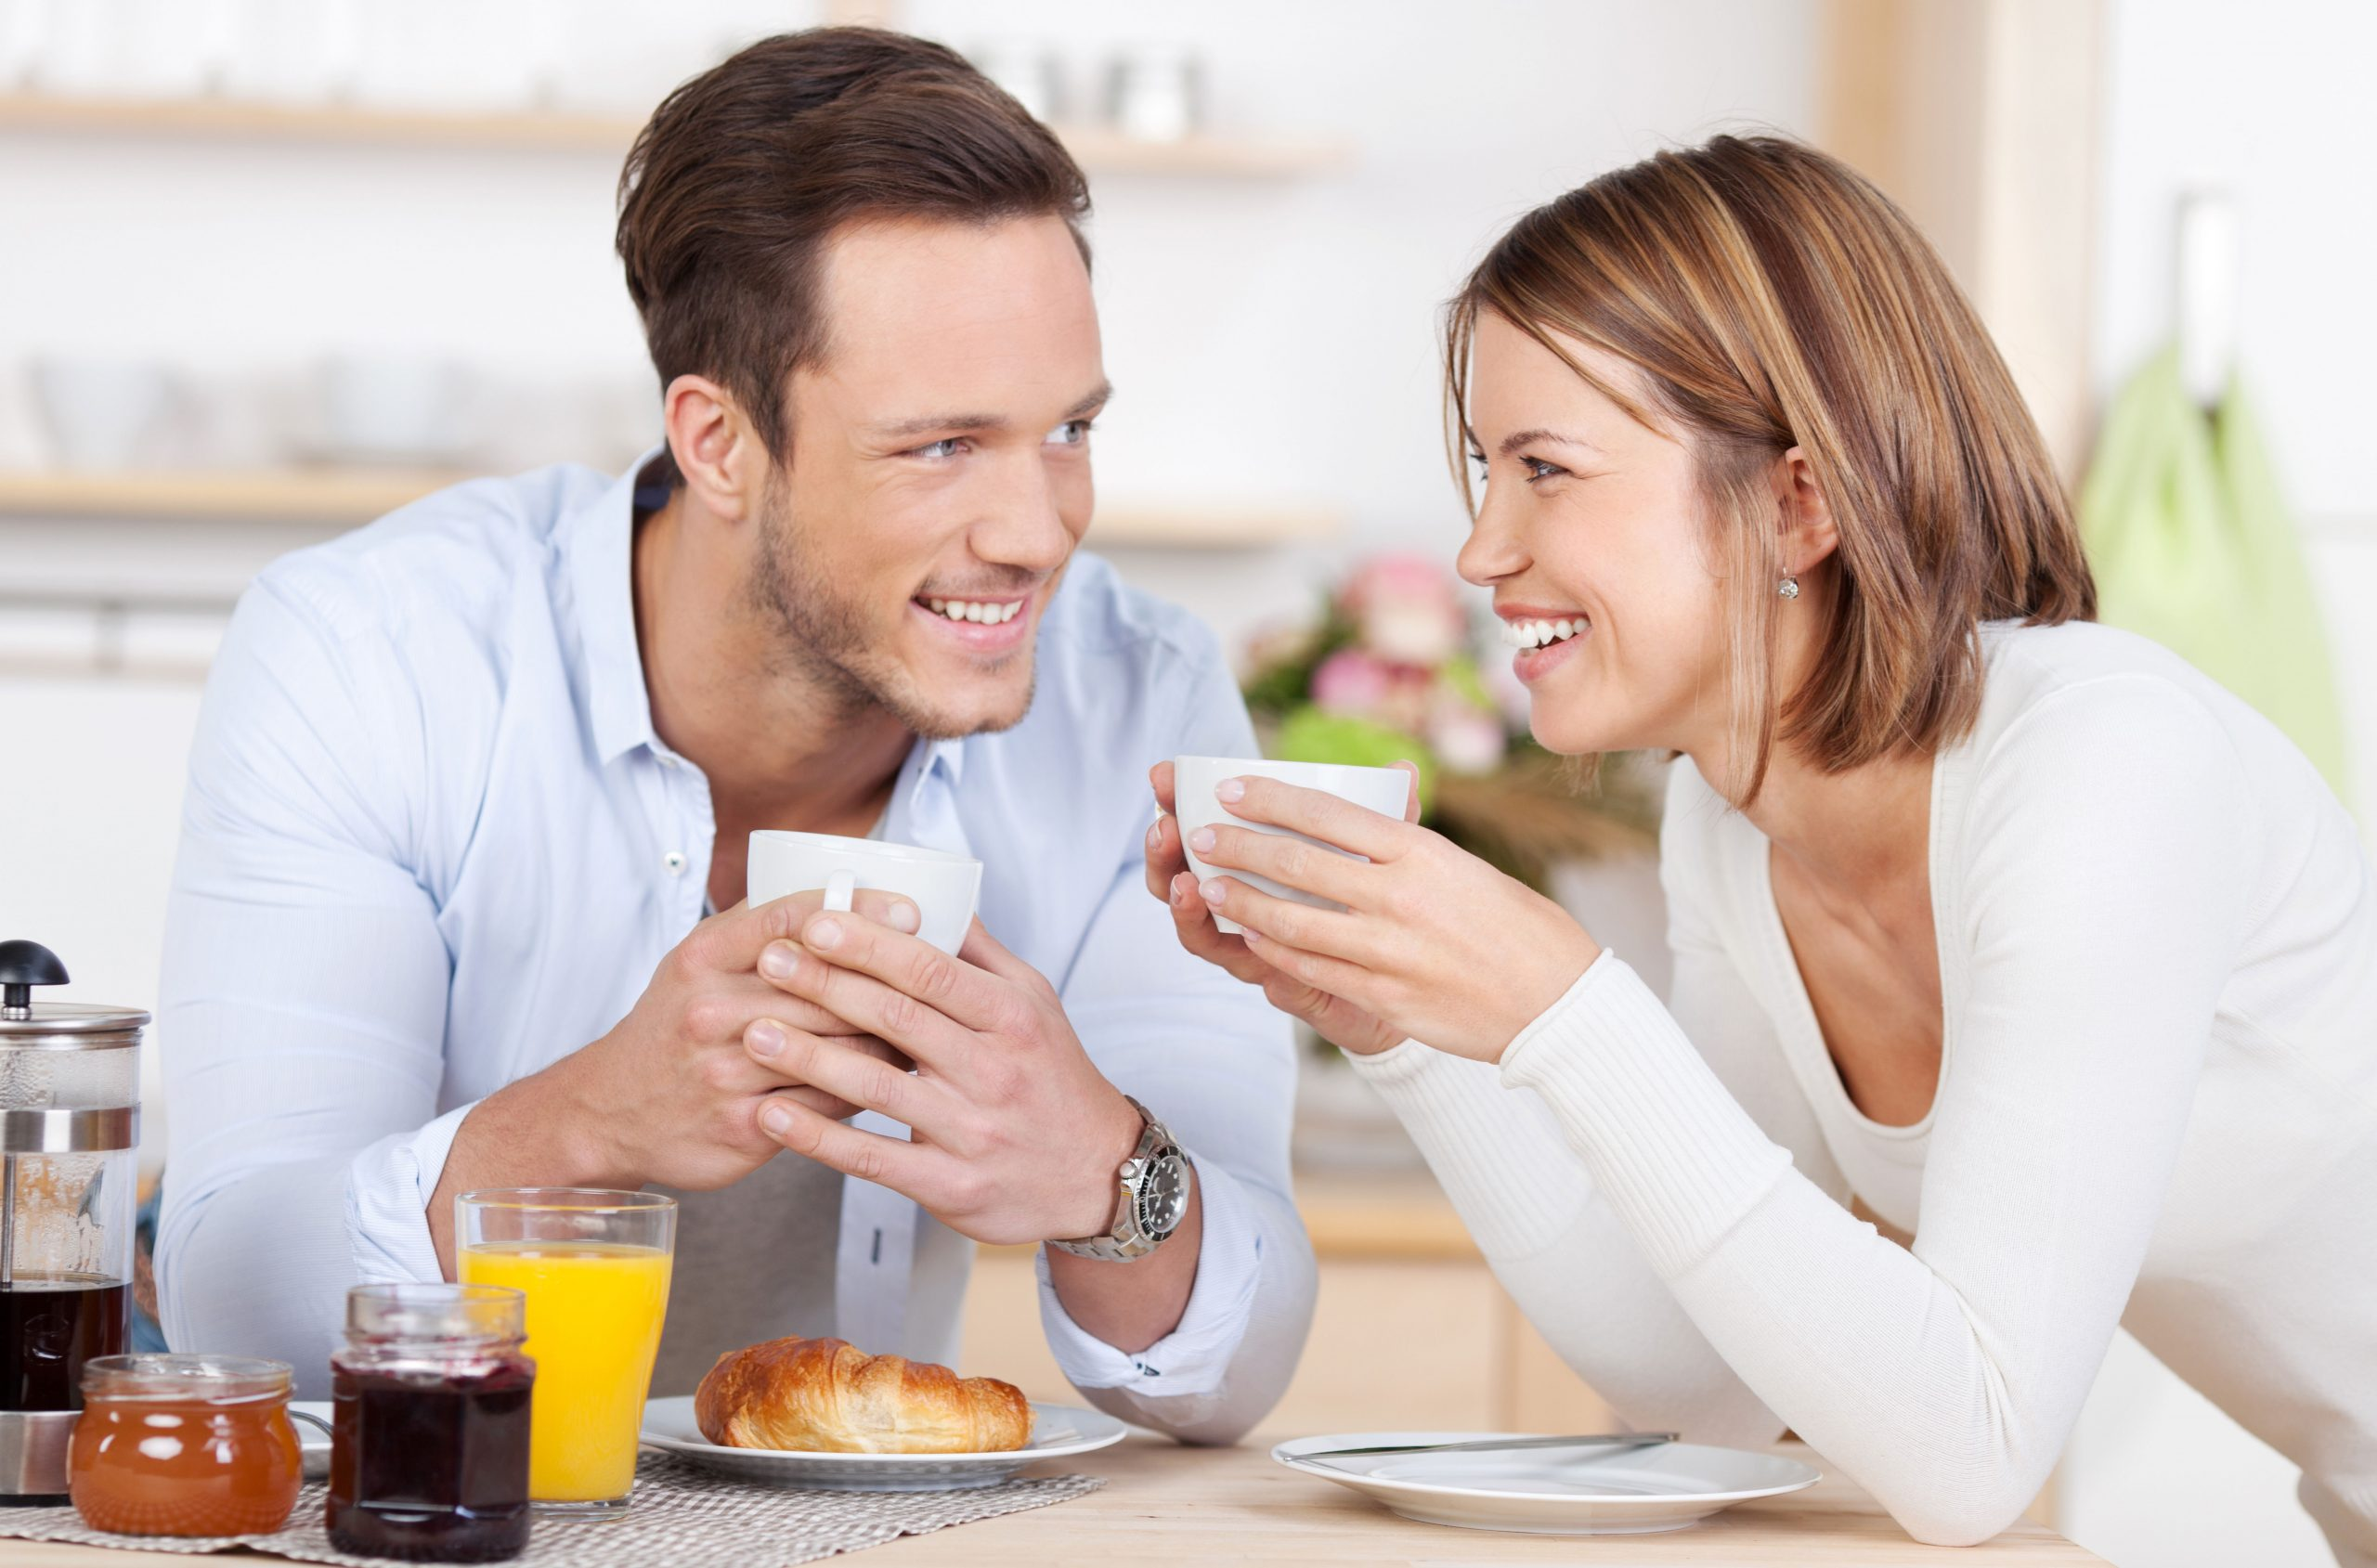 Besonders frühstücken – Köstliche Brotaufstriche bei Jungborn